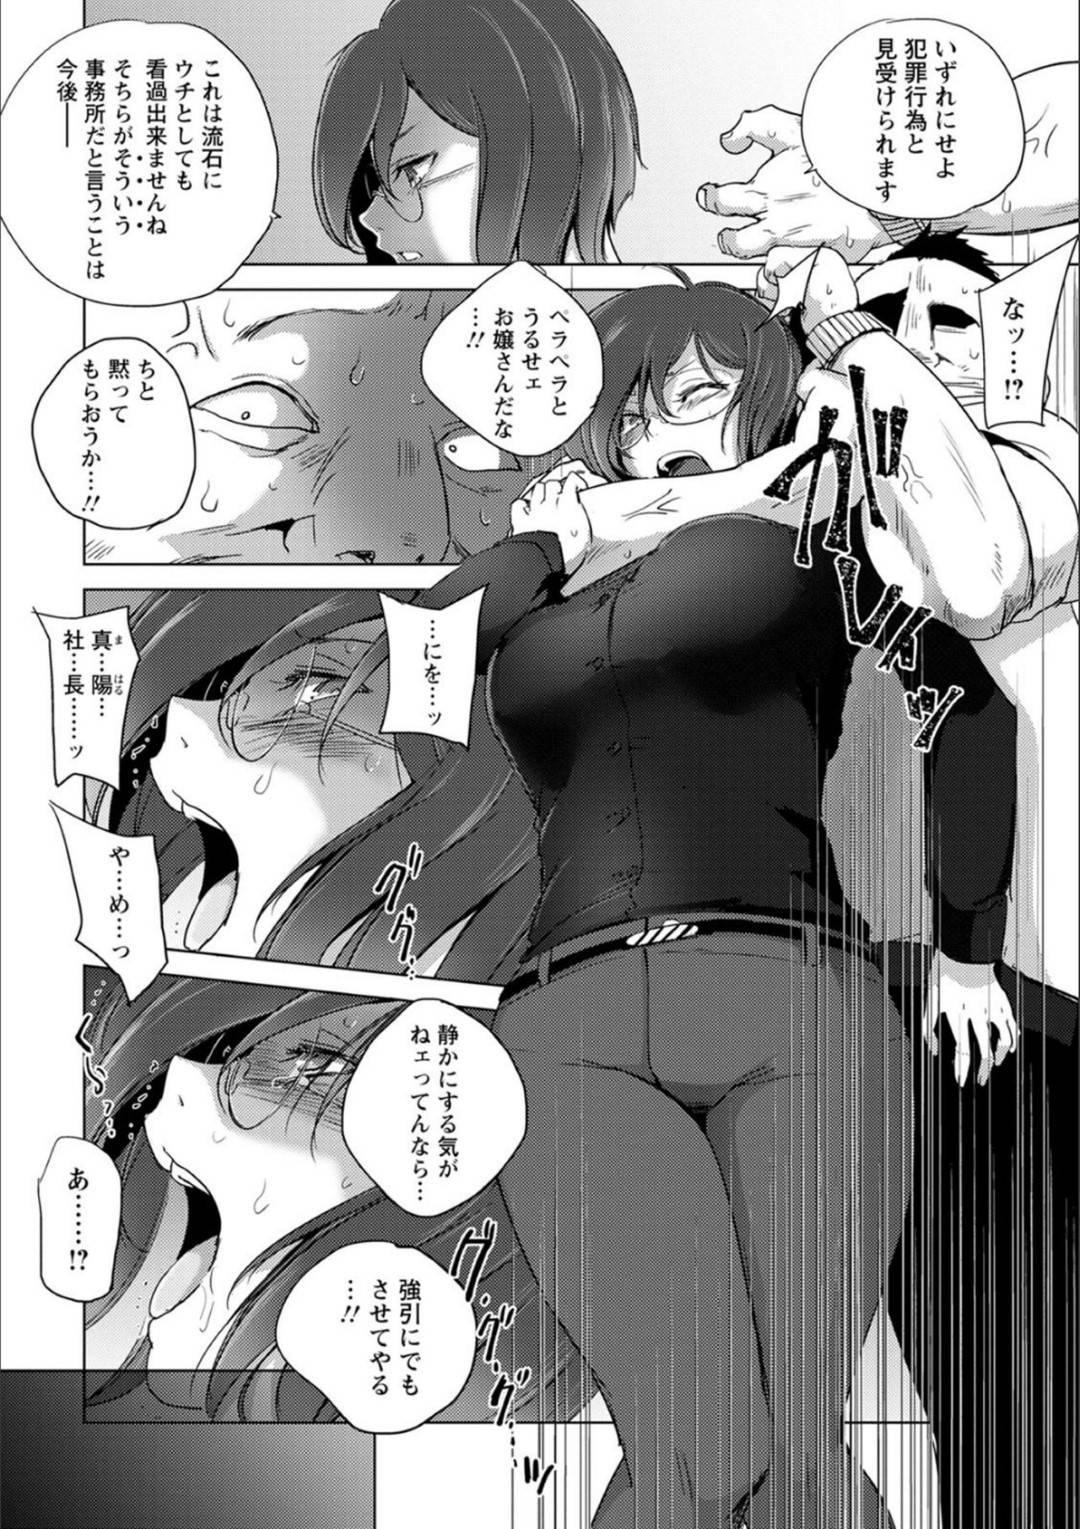 【エロ漫画】相手選手の社長に直談判する女子プロのマネージャーは、首を絞められて拘束され生ハメレイプで快楽堕ち